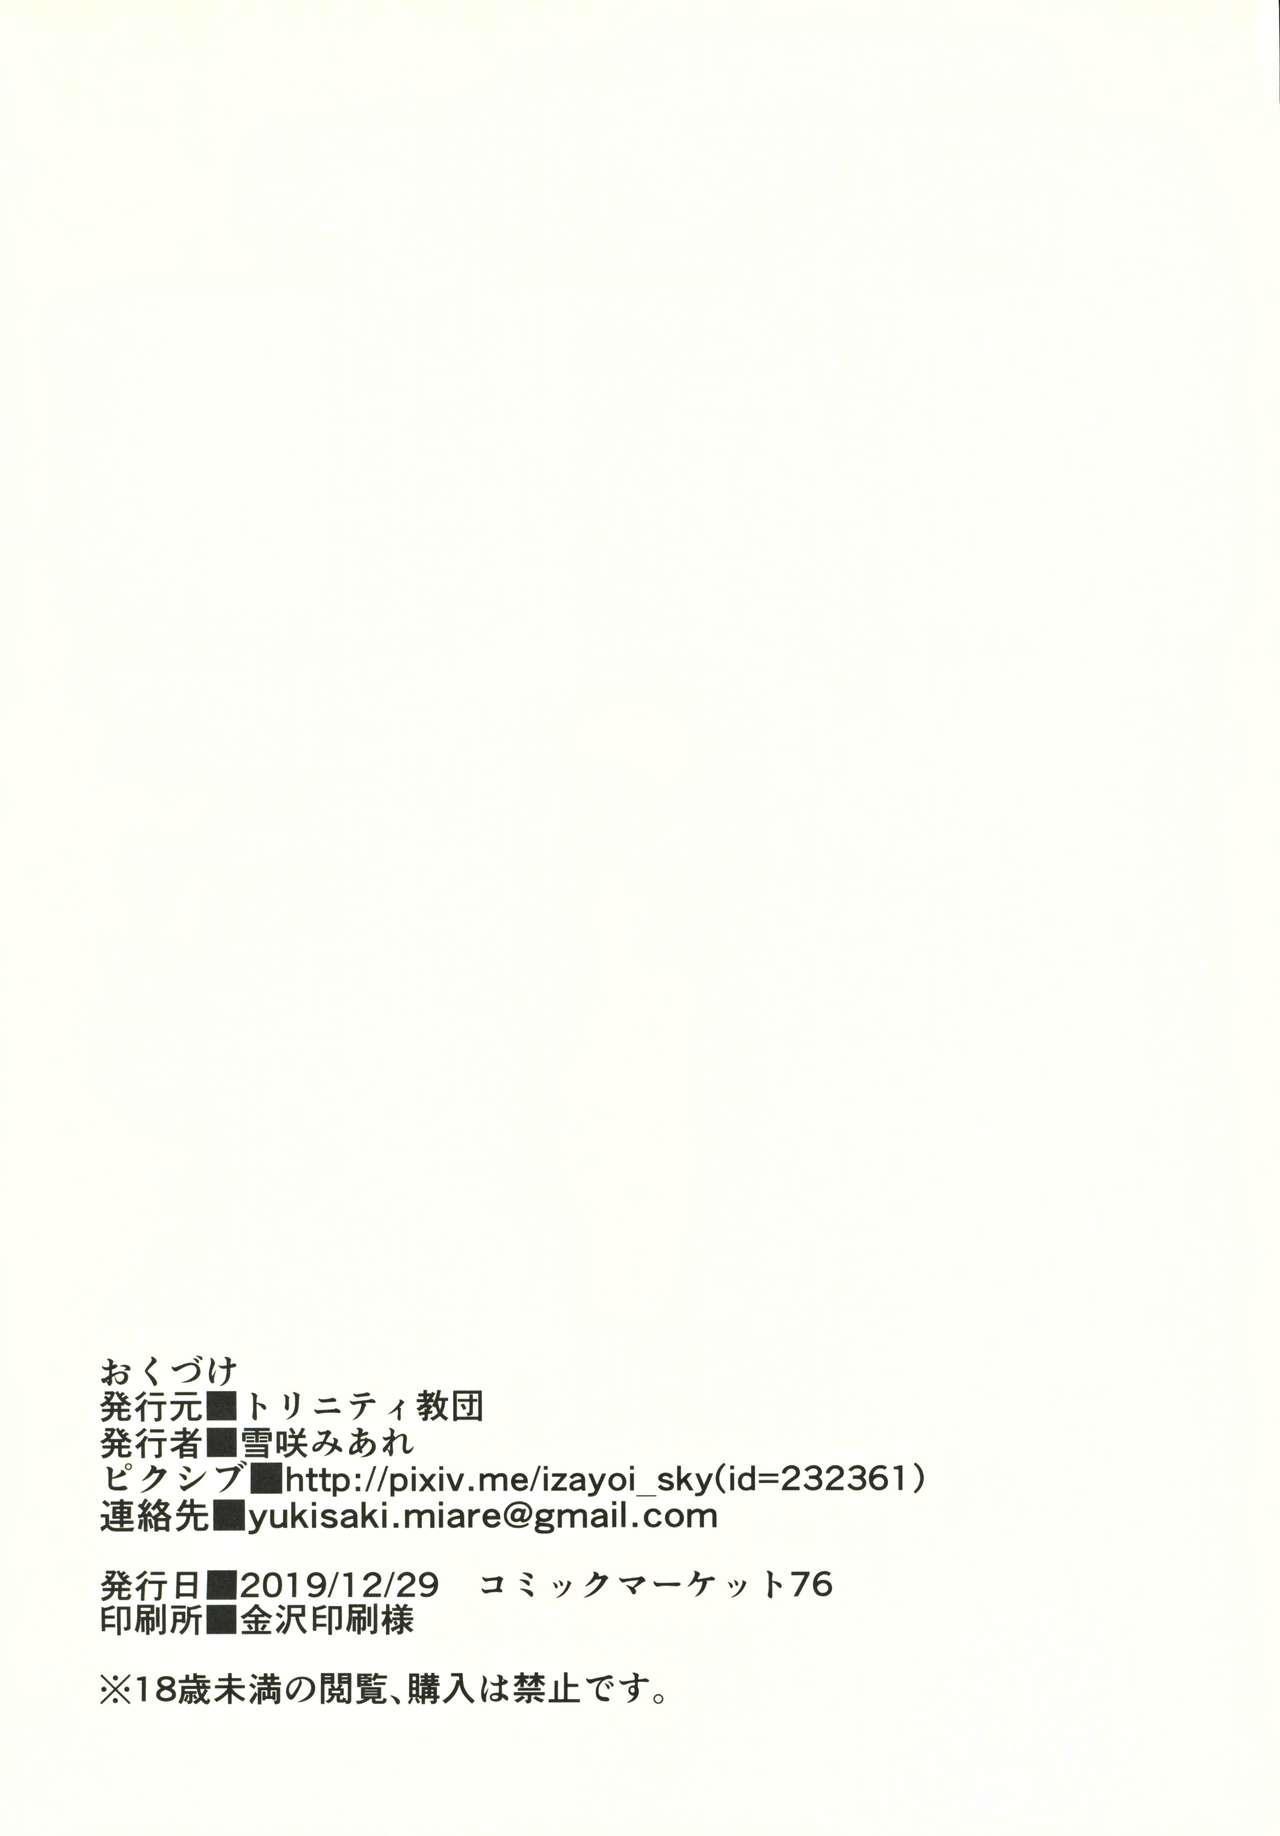 Shikikan Kouiu Koudou wa Hito to shite Douka to 16